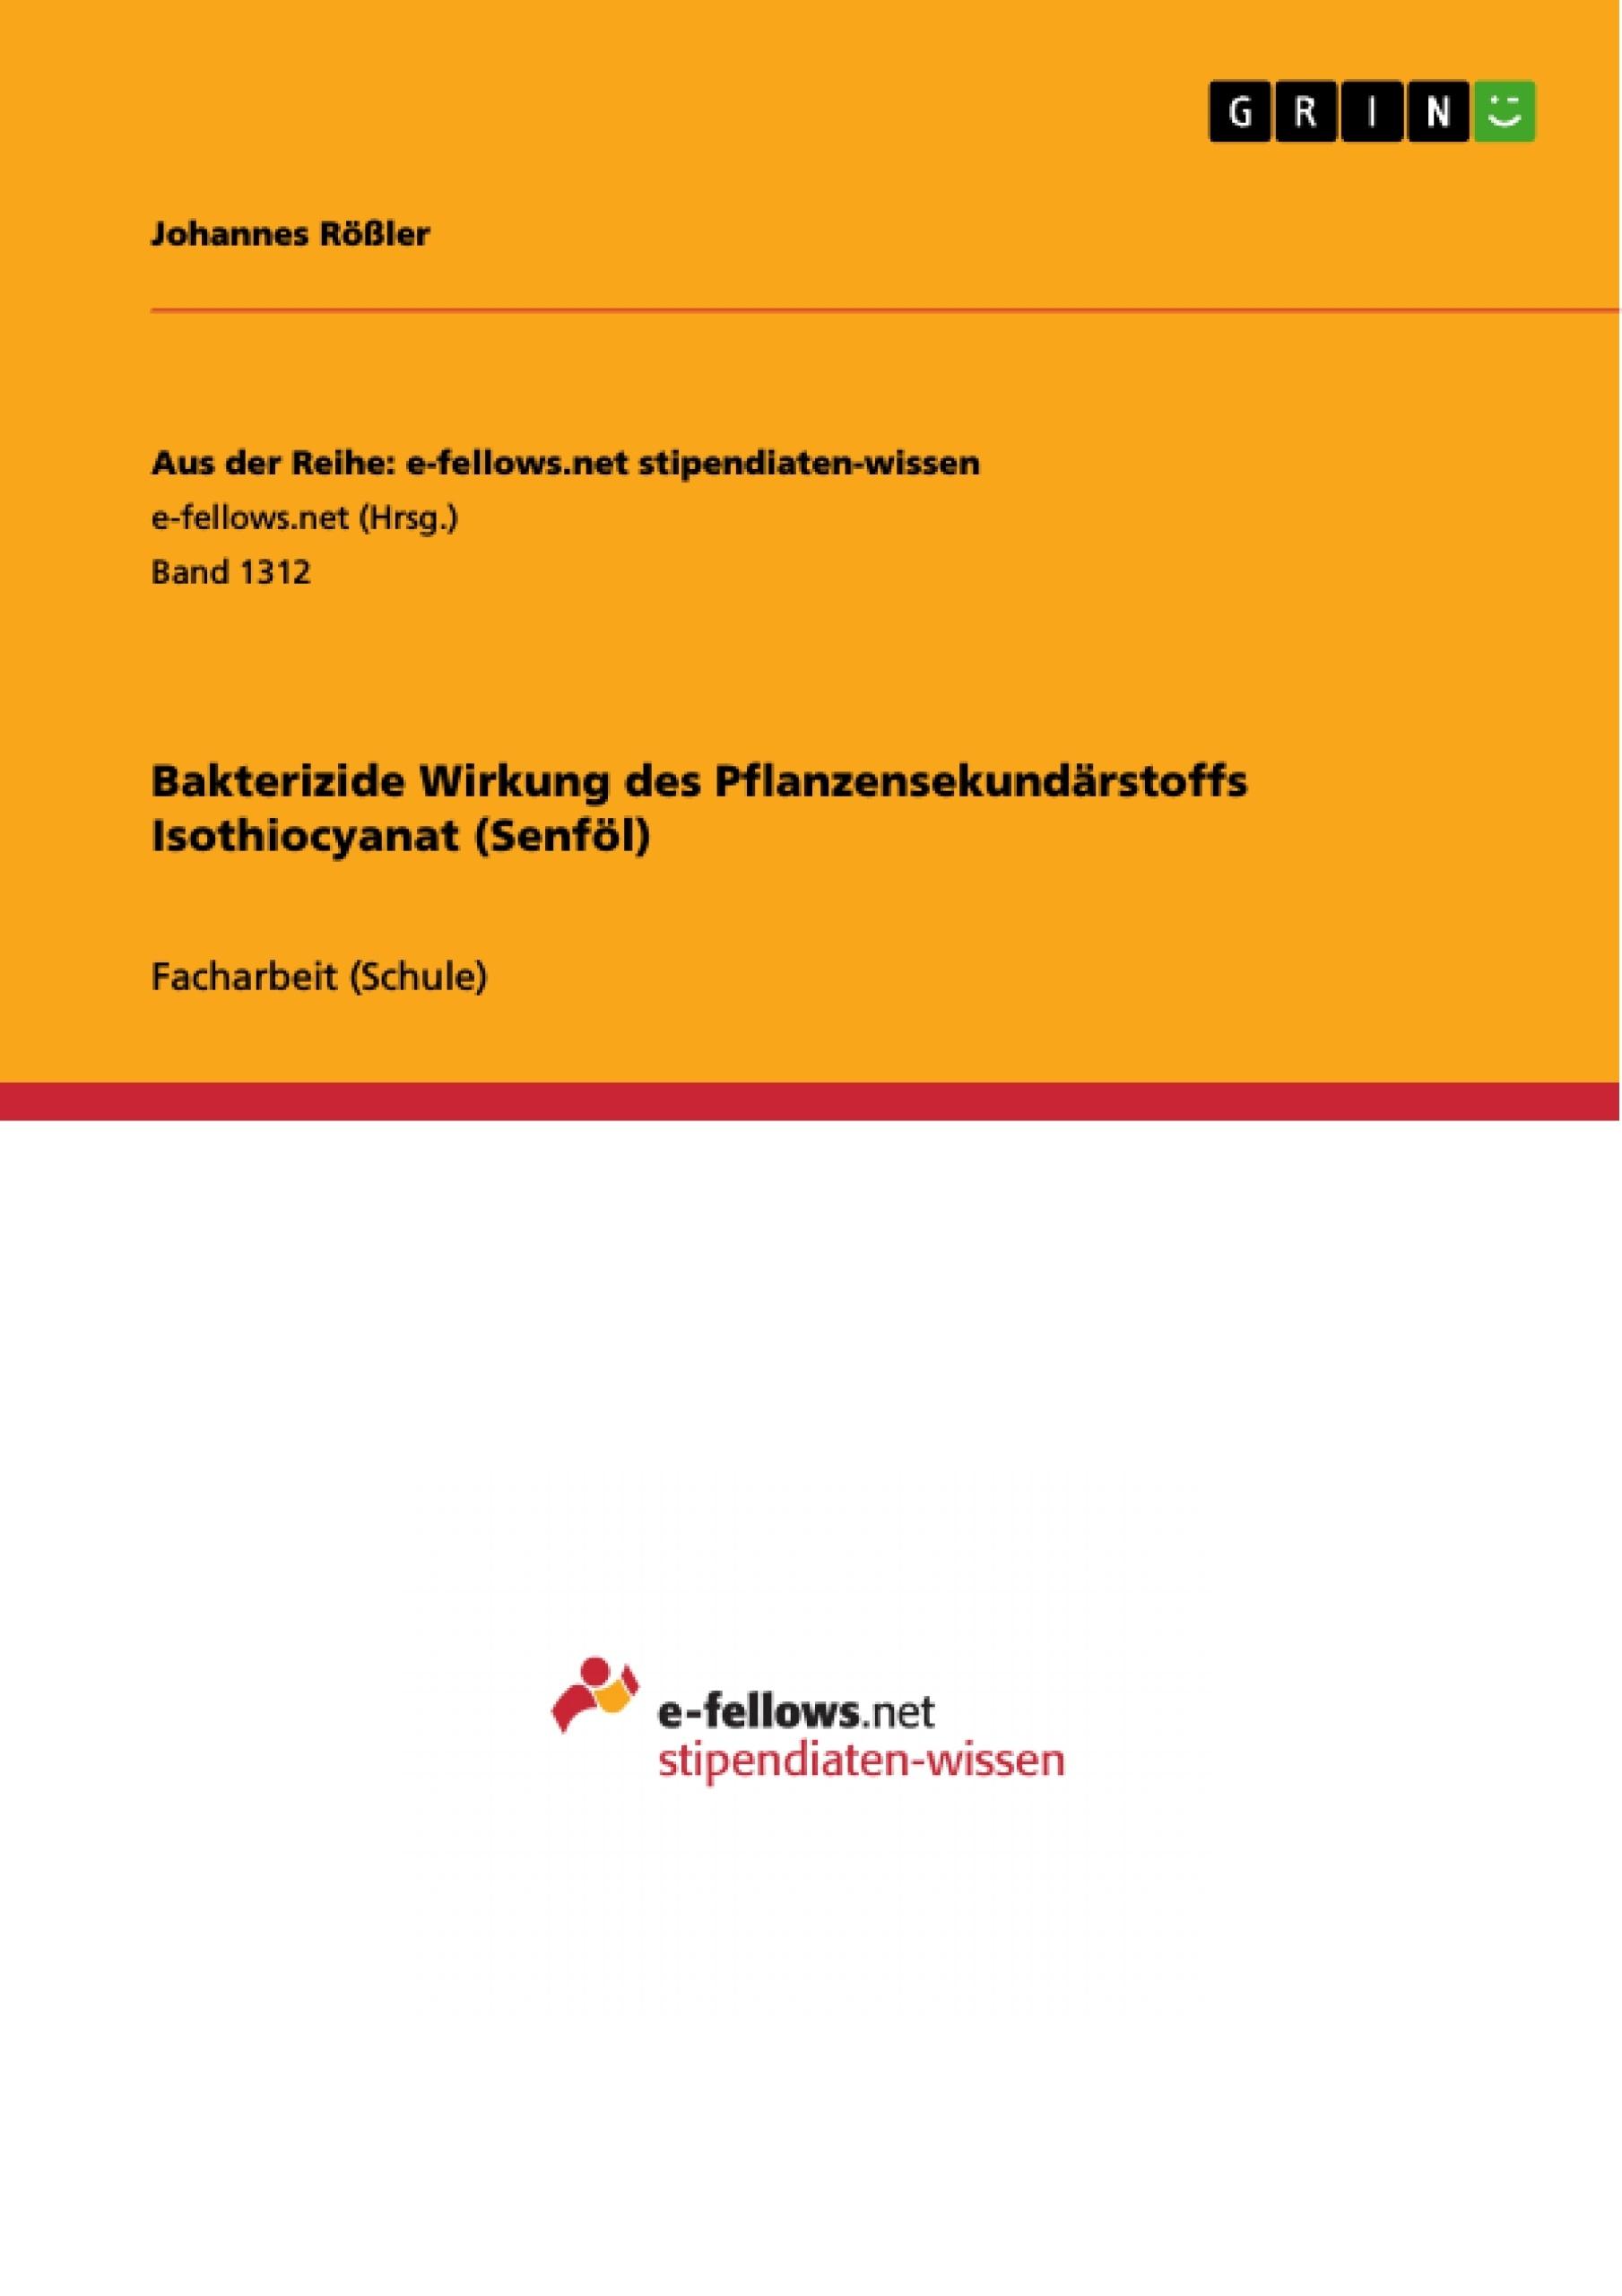 Titel: Bakterizide Wirkung des Pflanzensekundärstoffs Isothiocyanat (Senföl)